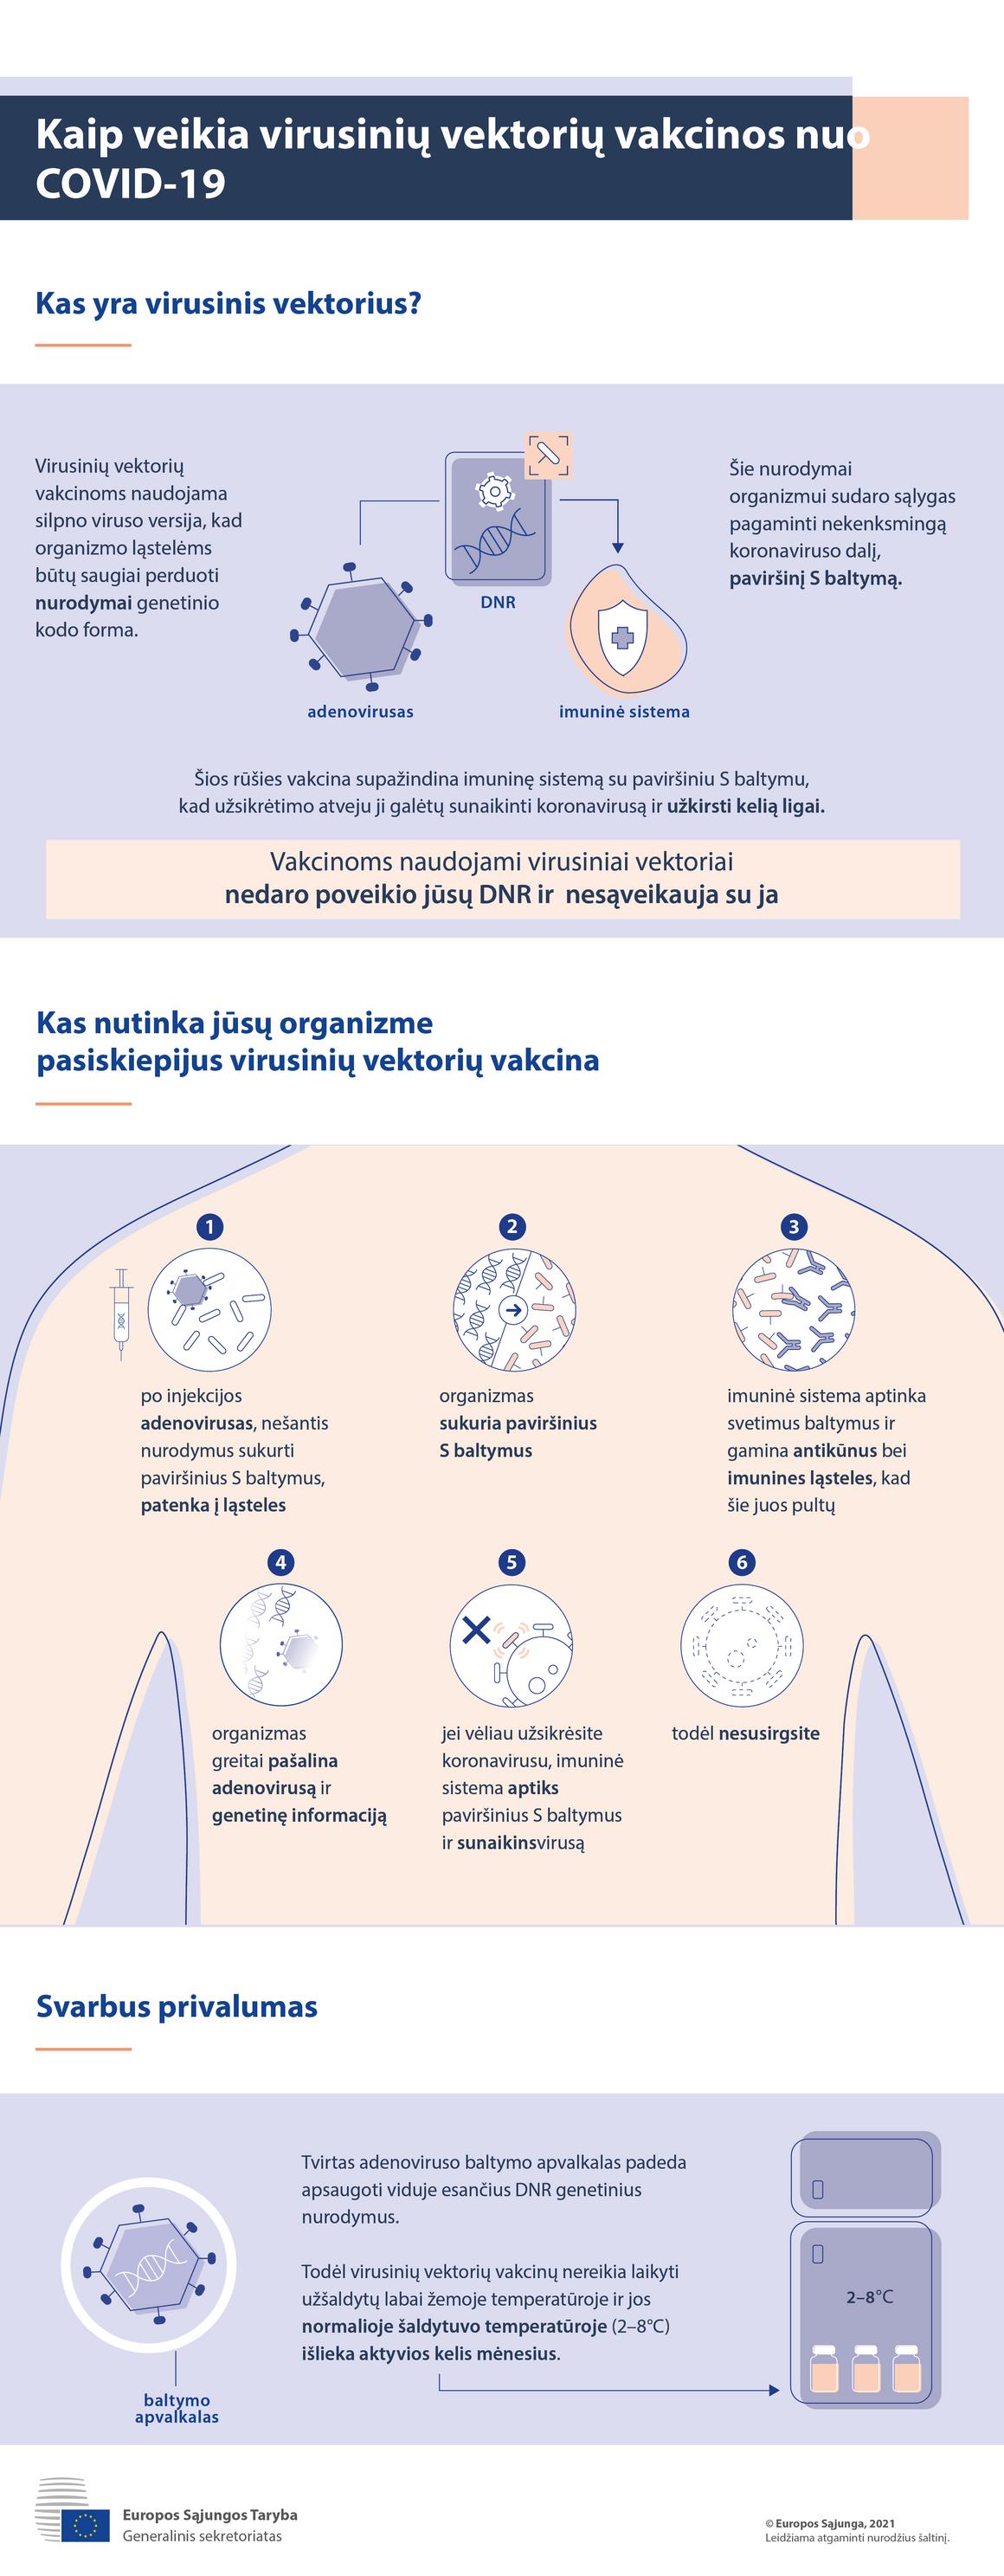 Infografikas. Virusinių vektorių vakcinos nuo COVID-19: kaip jos veikia